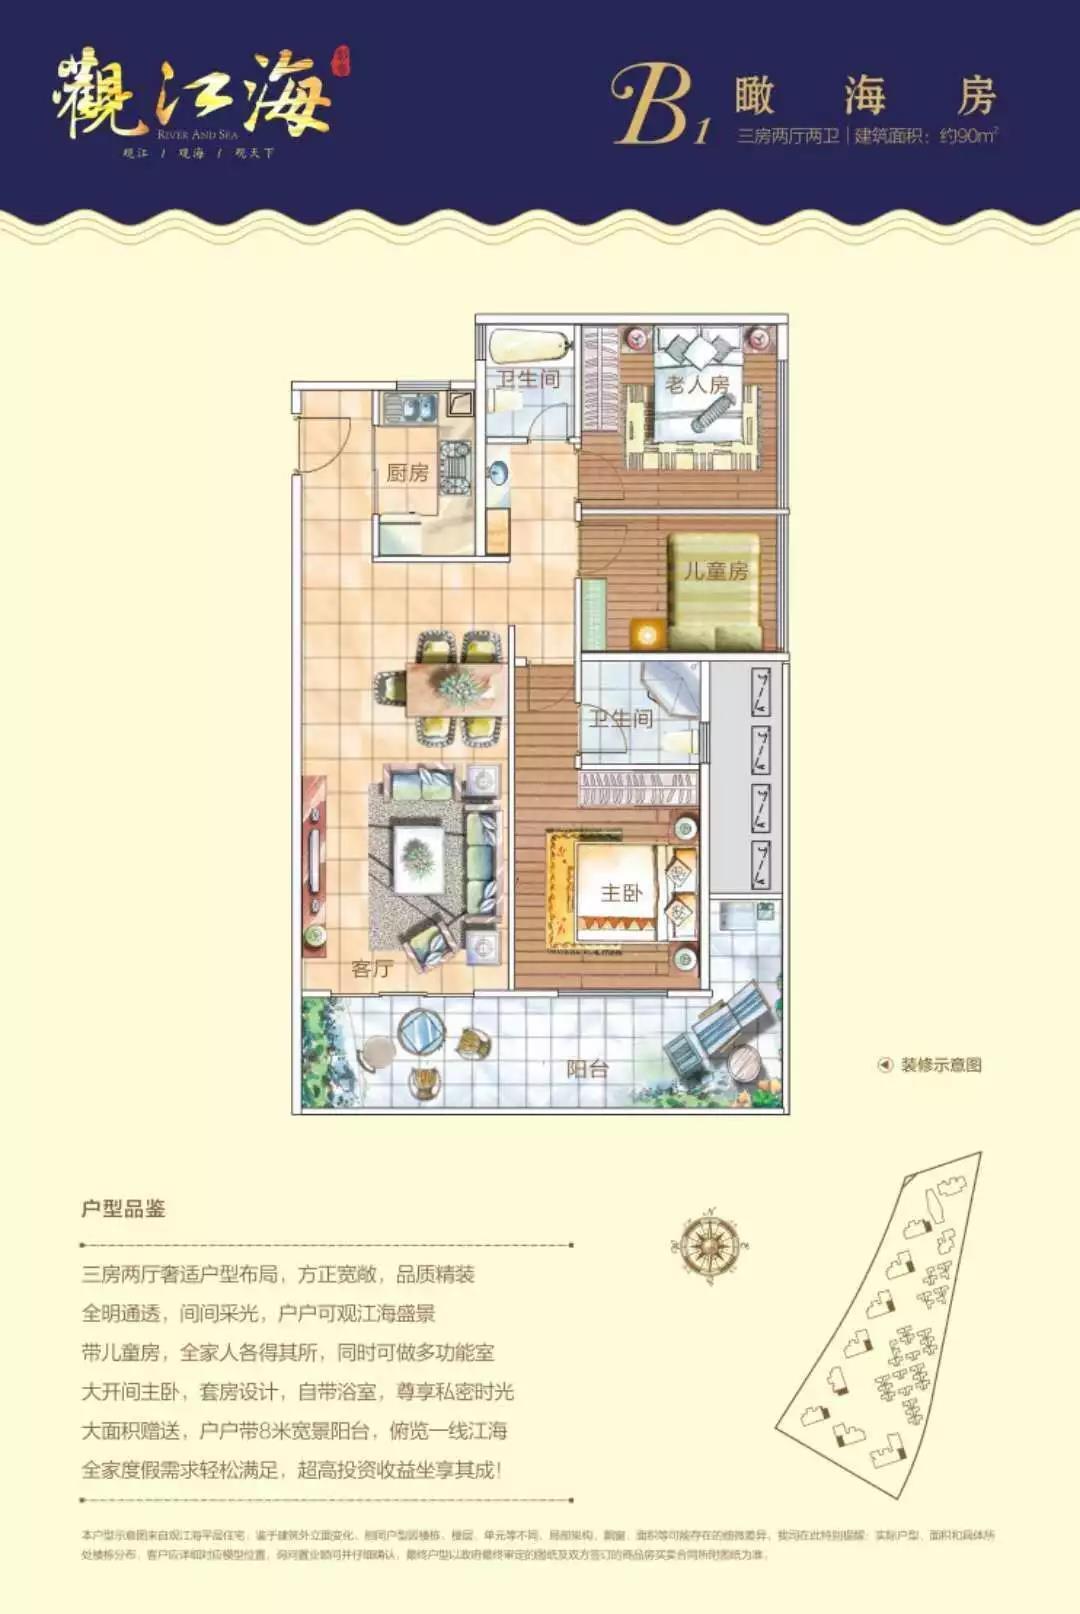 彰泰观江海B1户型3室2厅2卫1厨建筑面积90㎡